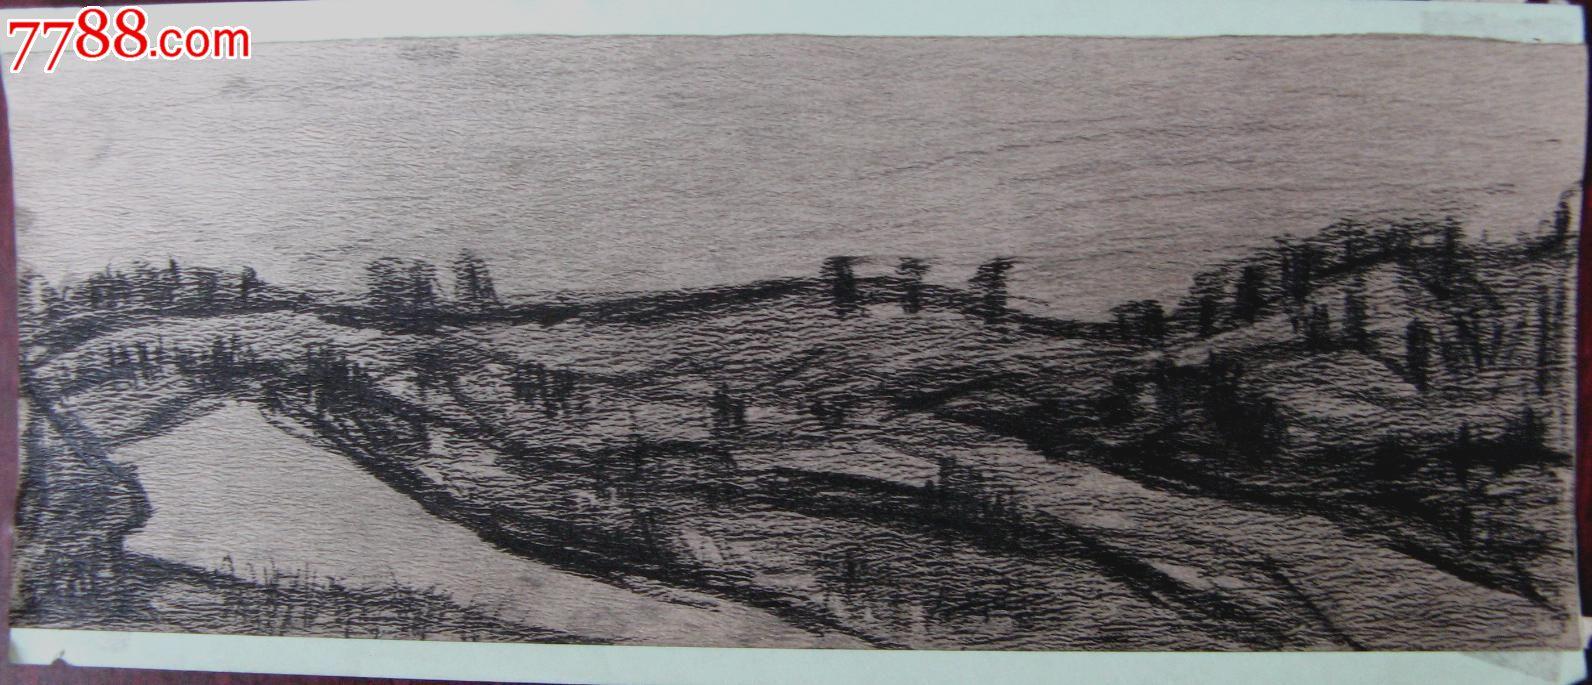 素描无款风景山水画 旷野